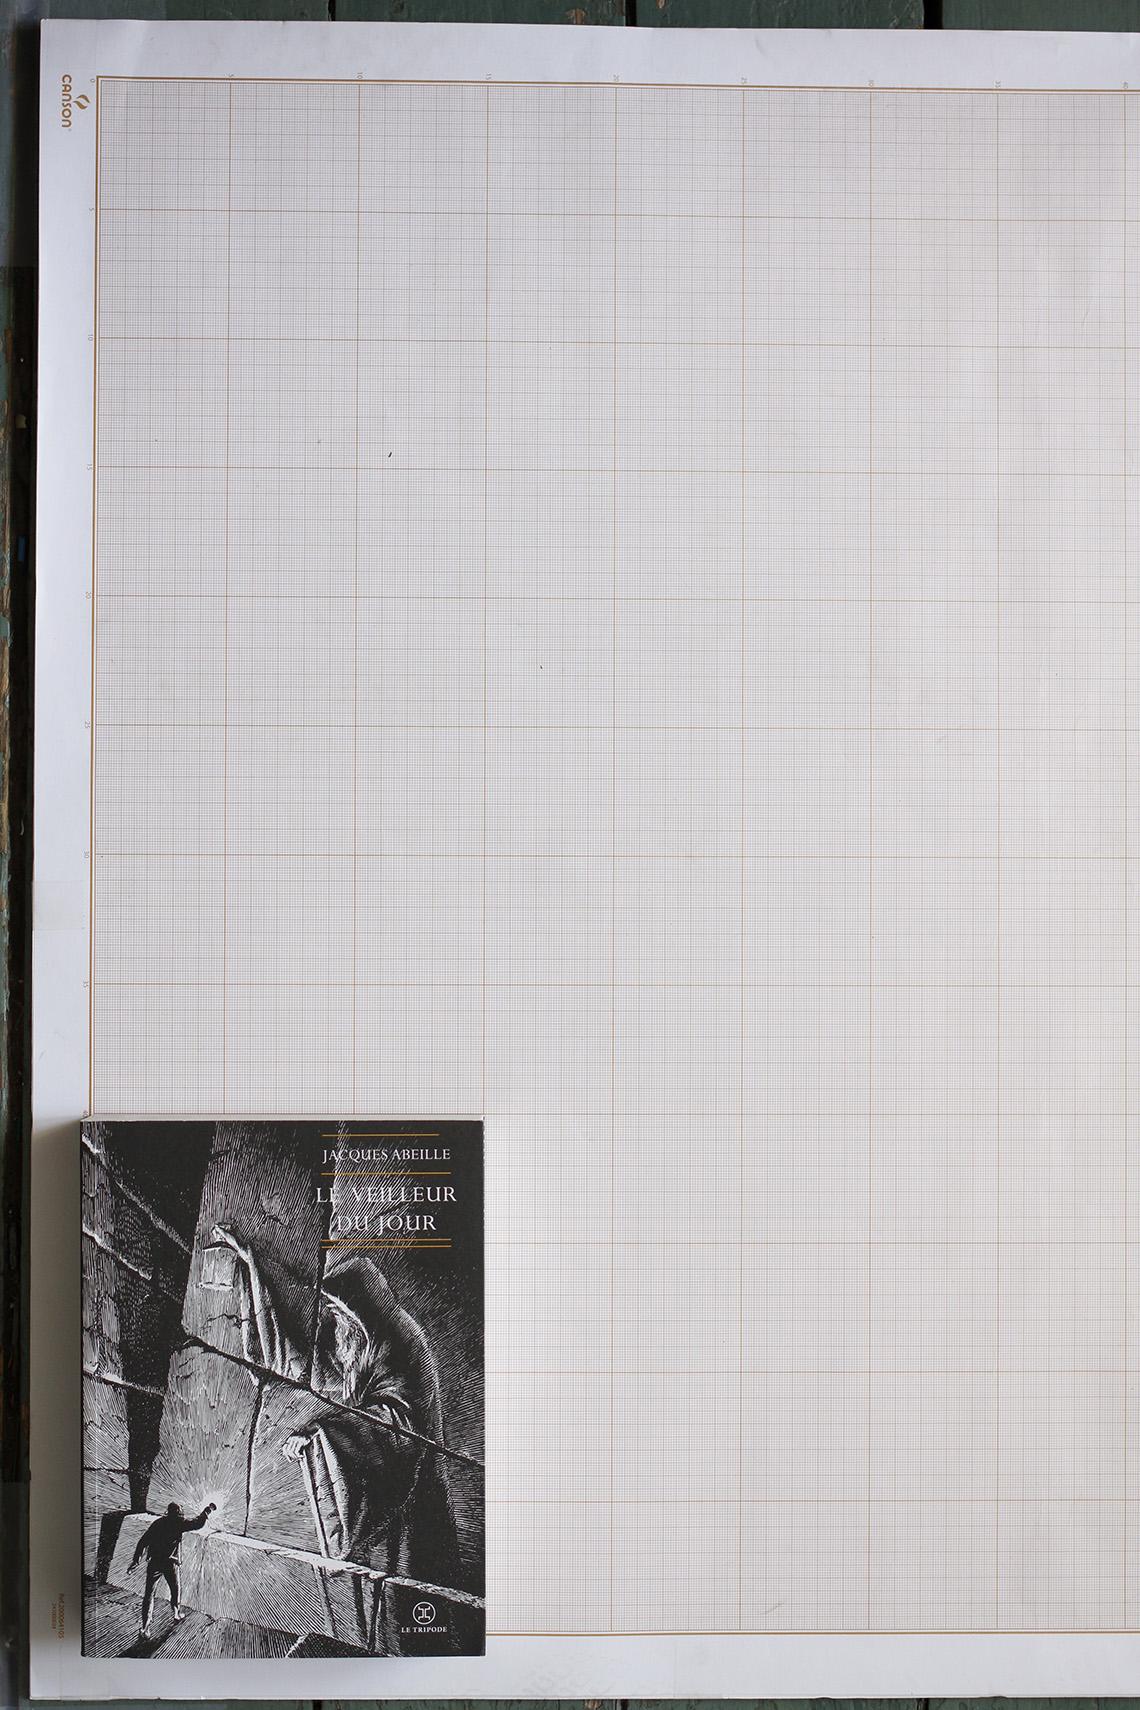 De Wachter van de dag, A. Jacques - Le Tripode© Autrique Huis, 2015